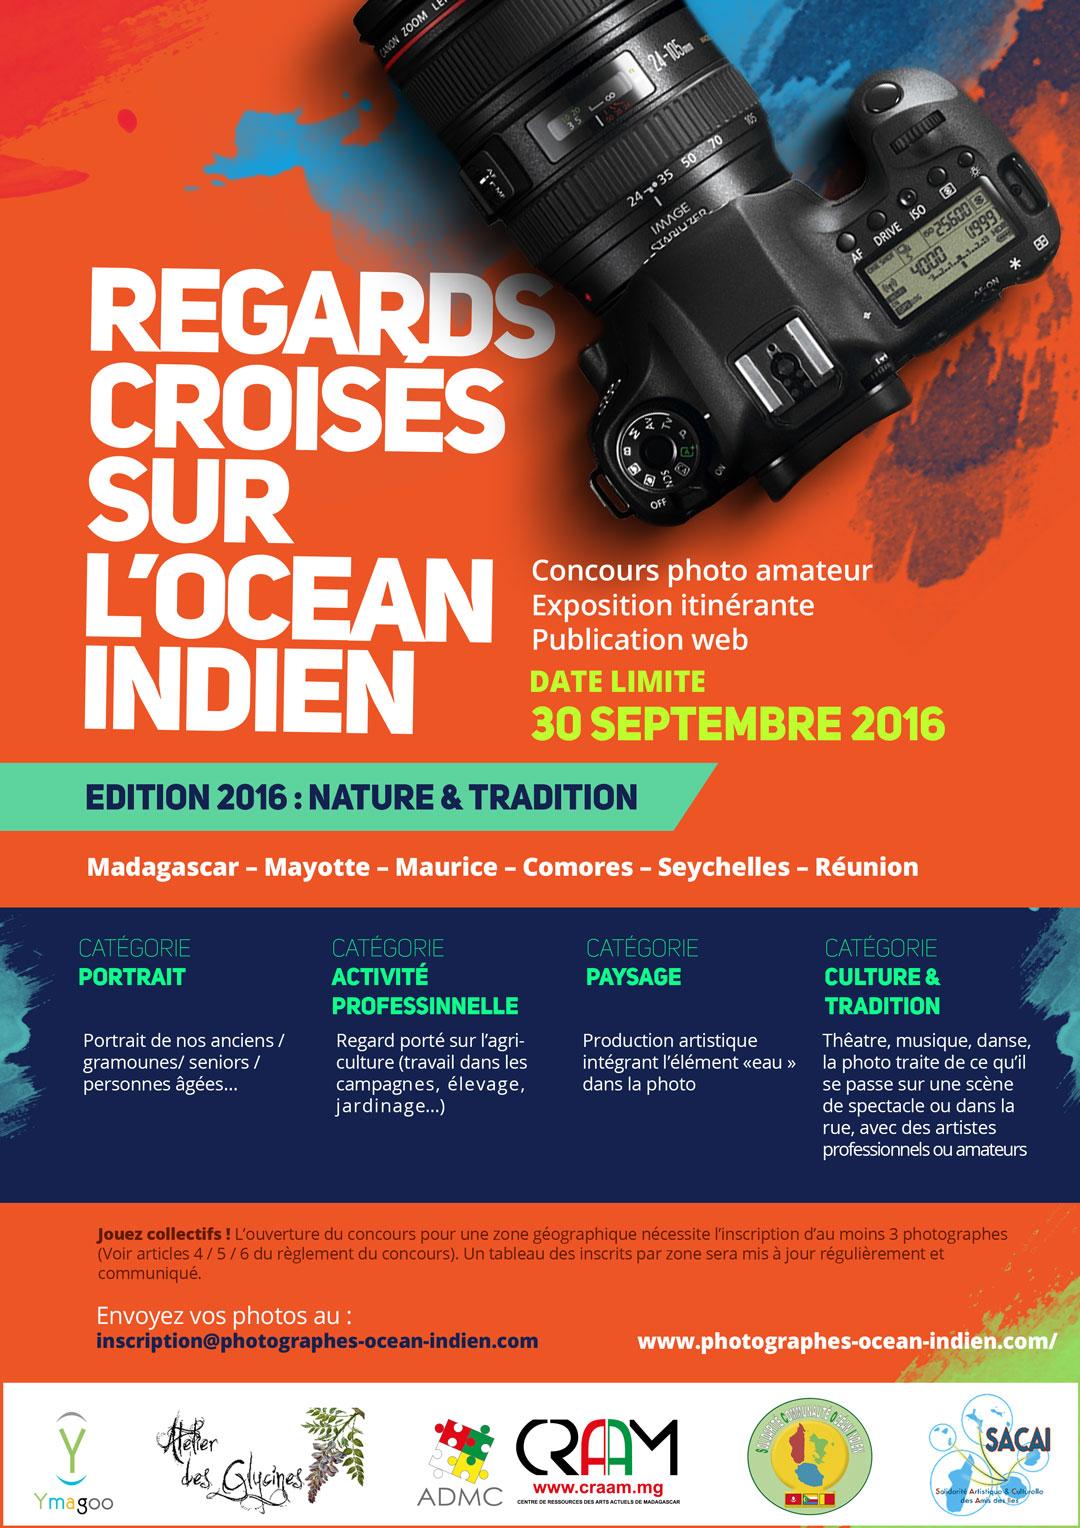 web-Concours-photo-OI-1 Regards croisés sur l'océan indien